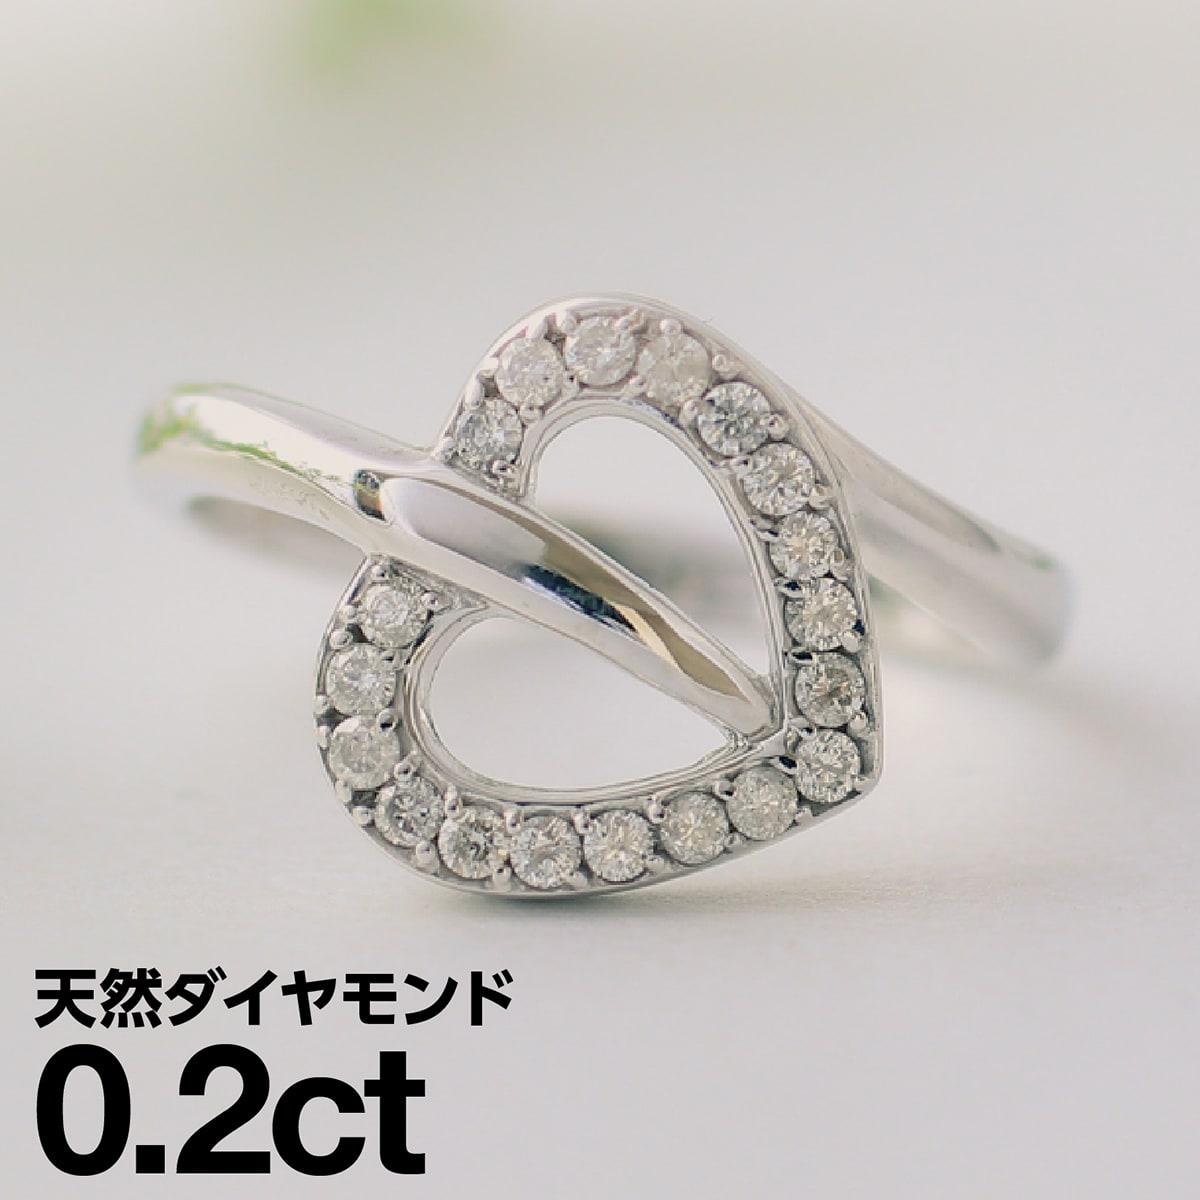 ハート ダイヤモンド リング シルバー925 シルバーリング ファッションリング 品質保証書 金属アレルギー 日本製 誕生日 ギフト